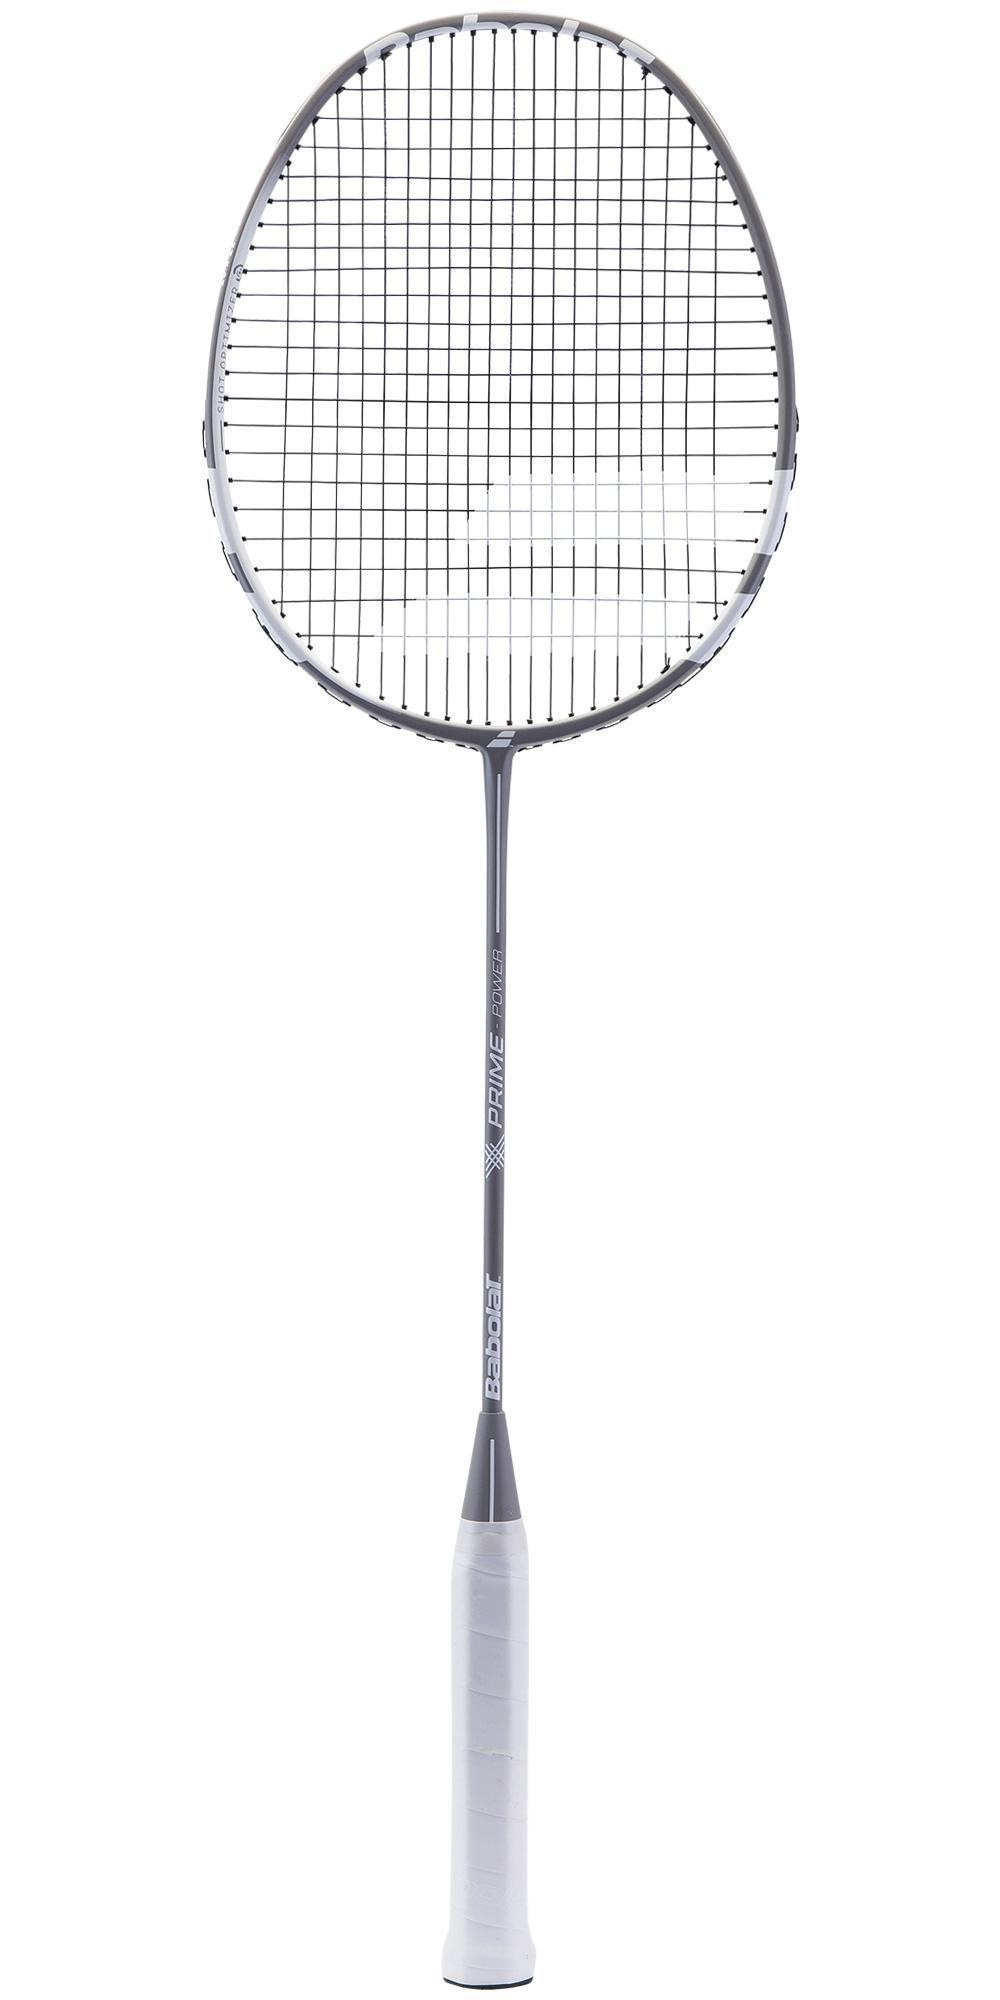 Babolat Prime Power Badminton Racket for Primepower Sri Lanka